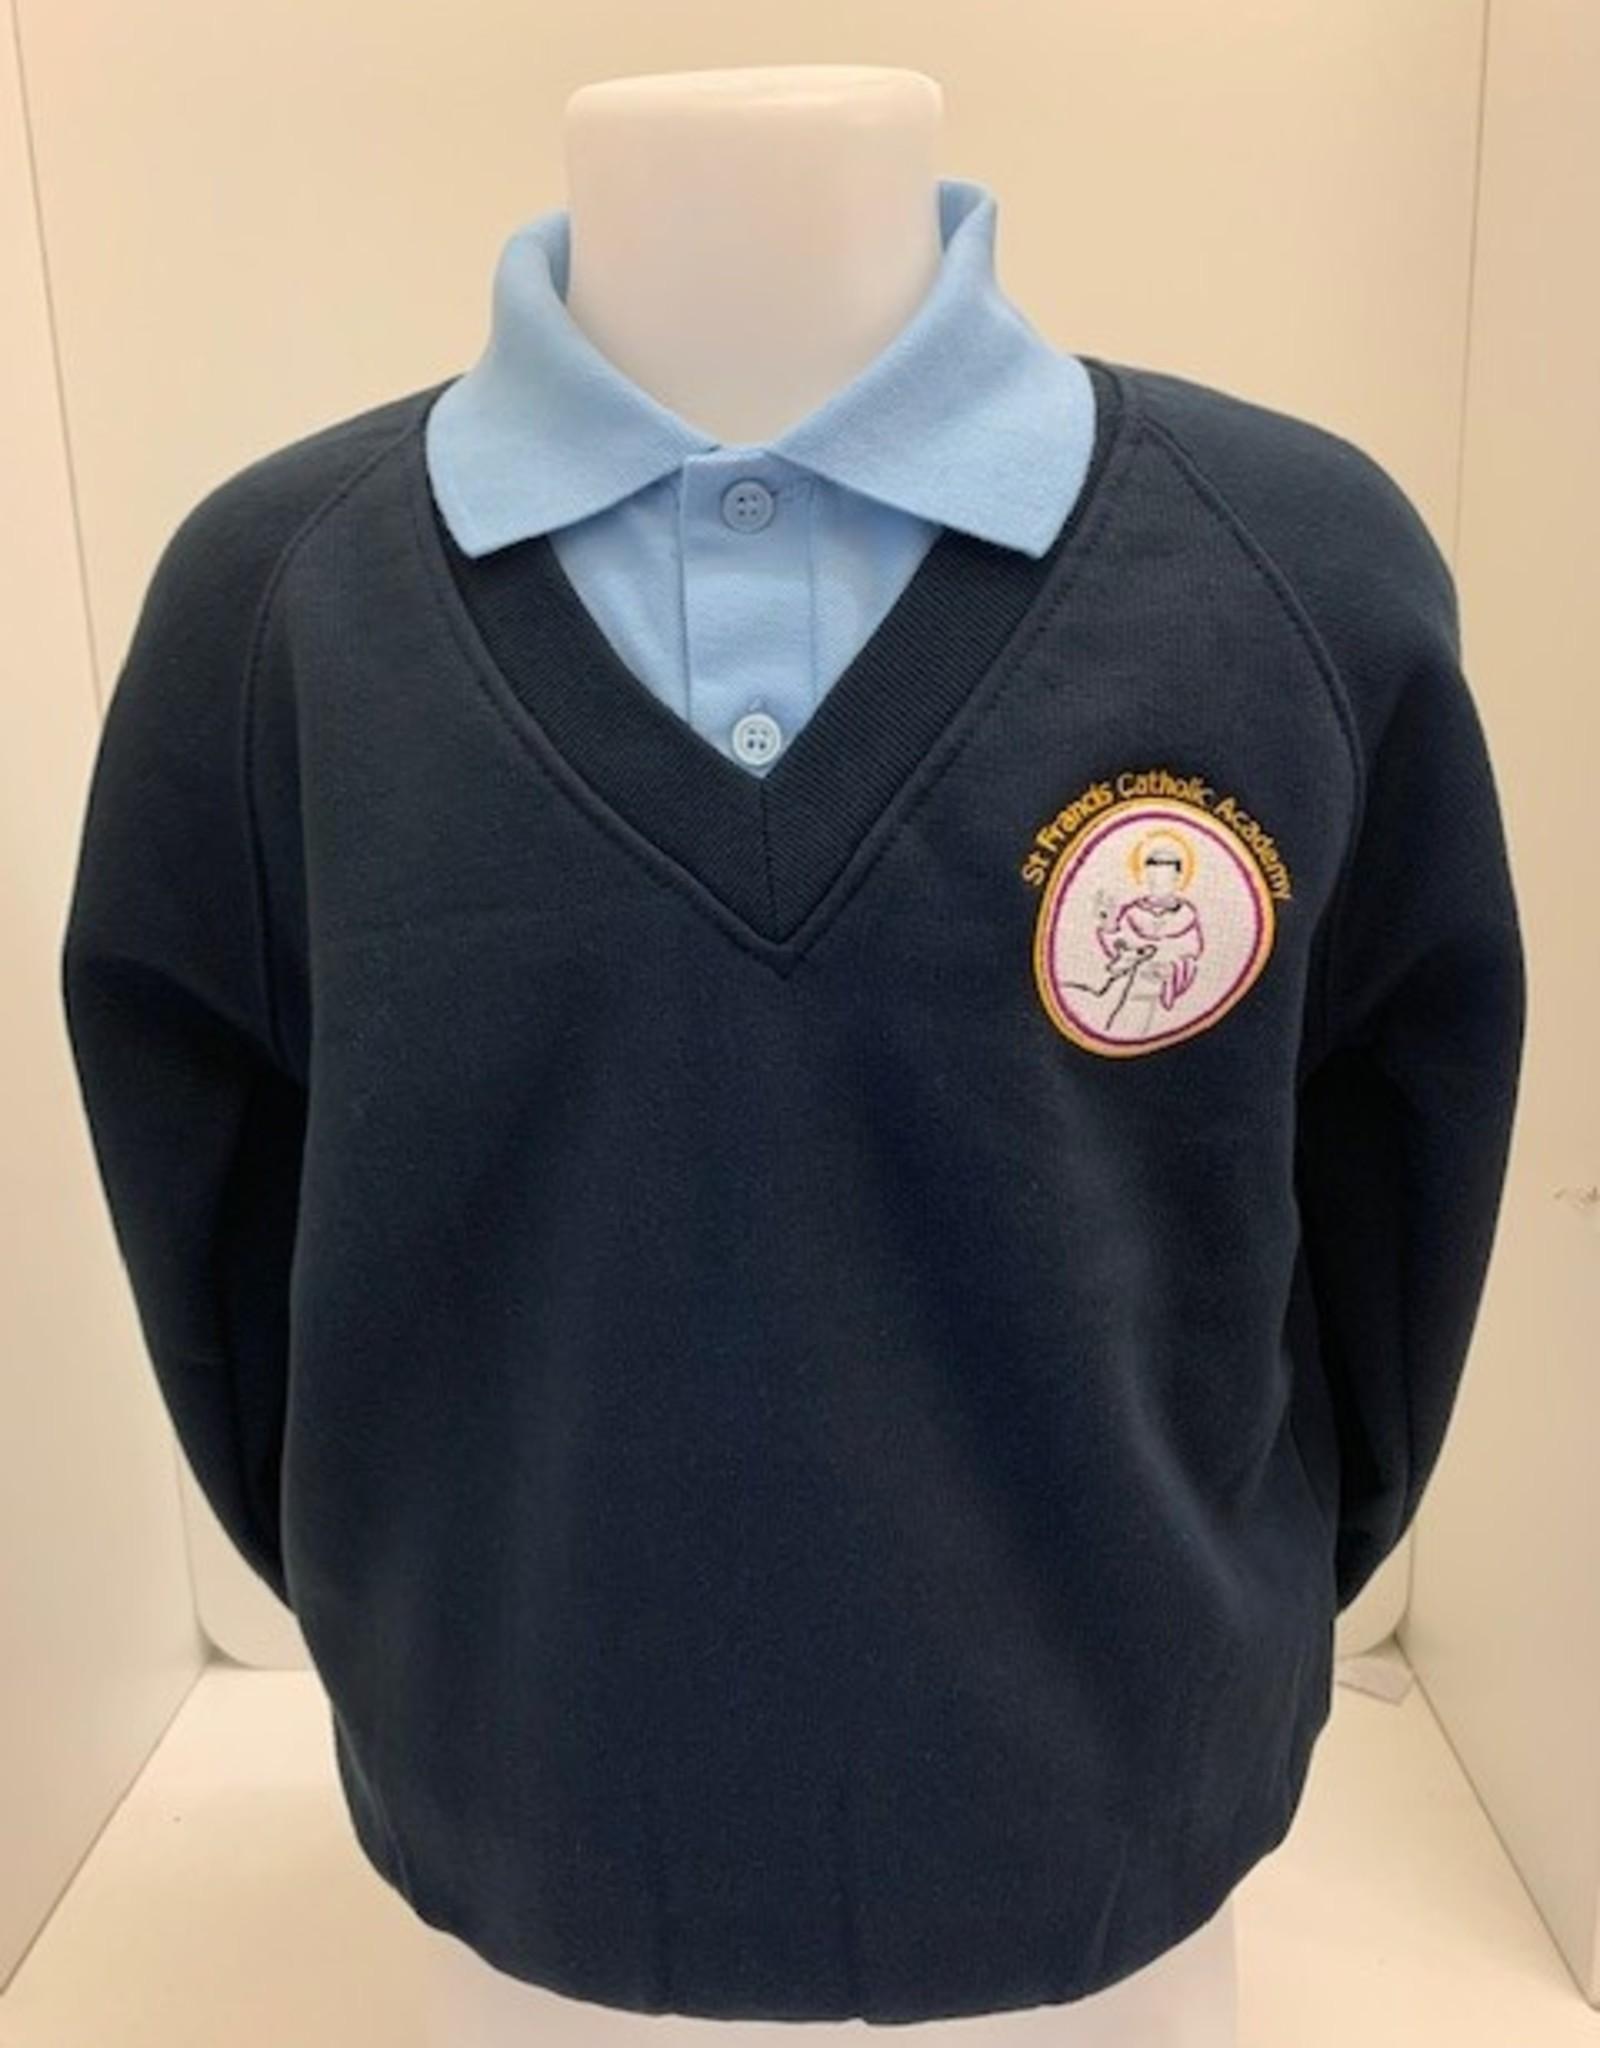 V-Neck Sweatshirt Adult Size - St Francis Catholic Academy